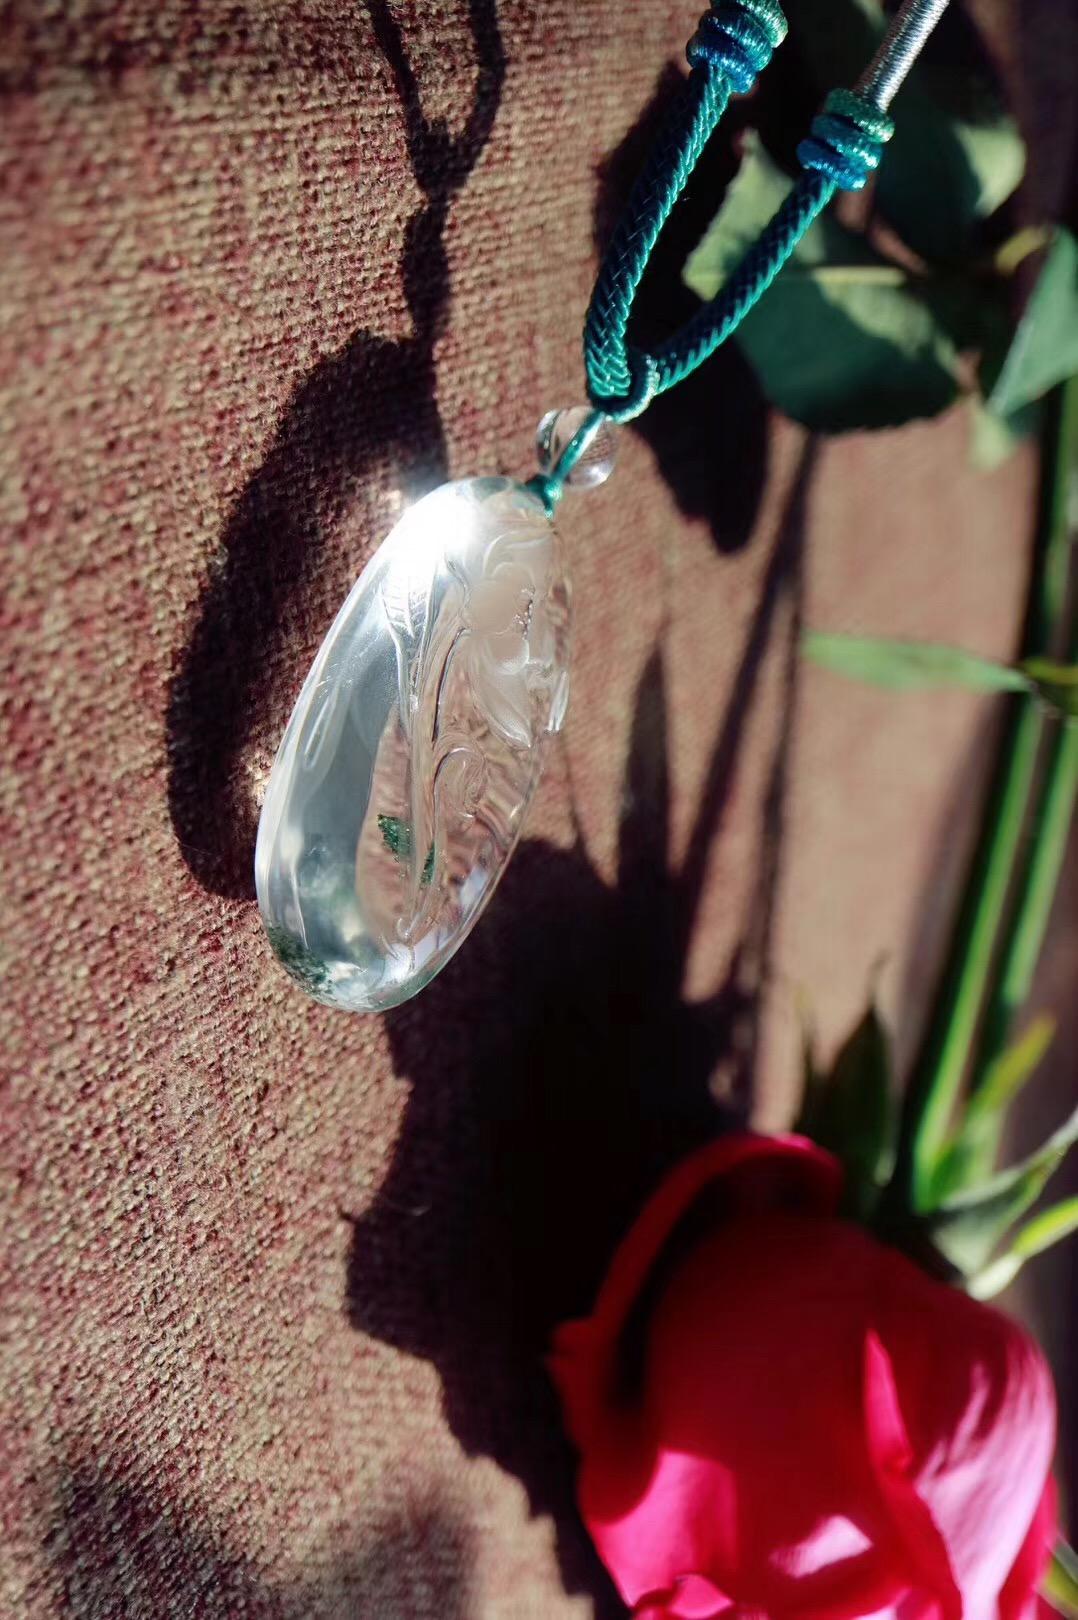 【菩心绿幽灵 | 静心莲】一世清莲伴红尘,一颗素心溢馨香-菩心晶舍